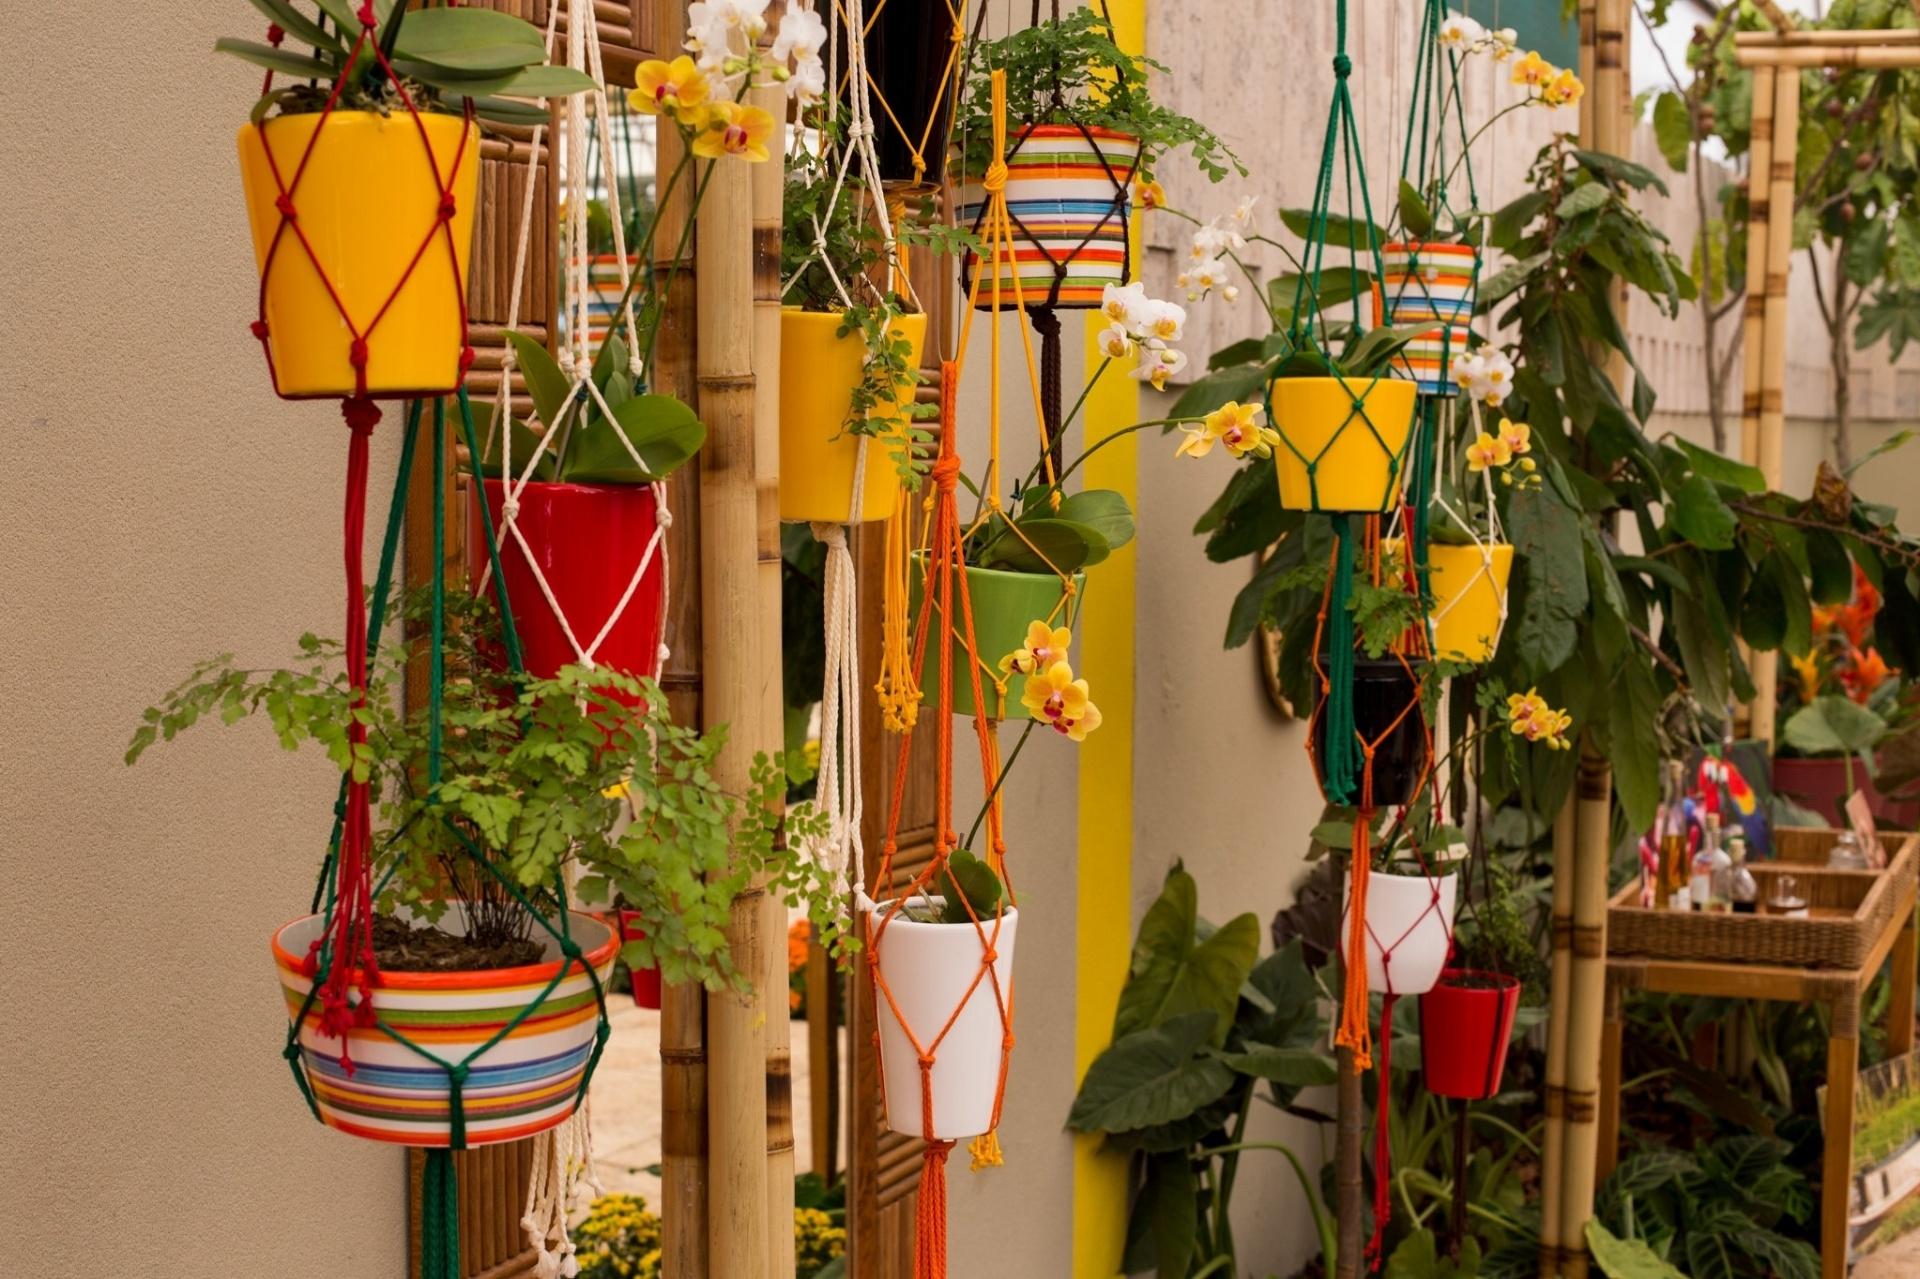 Tem apenas um cantinho livre em casa pra montar seu jardim? Inspire-se na proposta da engenheira agrônoma e paisagista Cintia Rua para o Espaço Beleza Natural: pendure vasos de orquídeas e helicônias em um pequeno pergolado de bambu com o auxílio de cordas coloridas. Fica lindo! | O ambiente pode ser visto na mostra de paisagismo da Expoflora até 27 de setembro de 2015 em Holambra (SP)